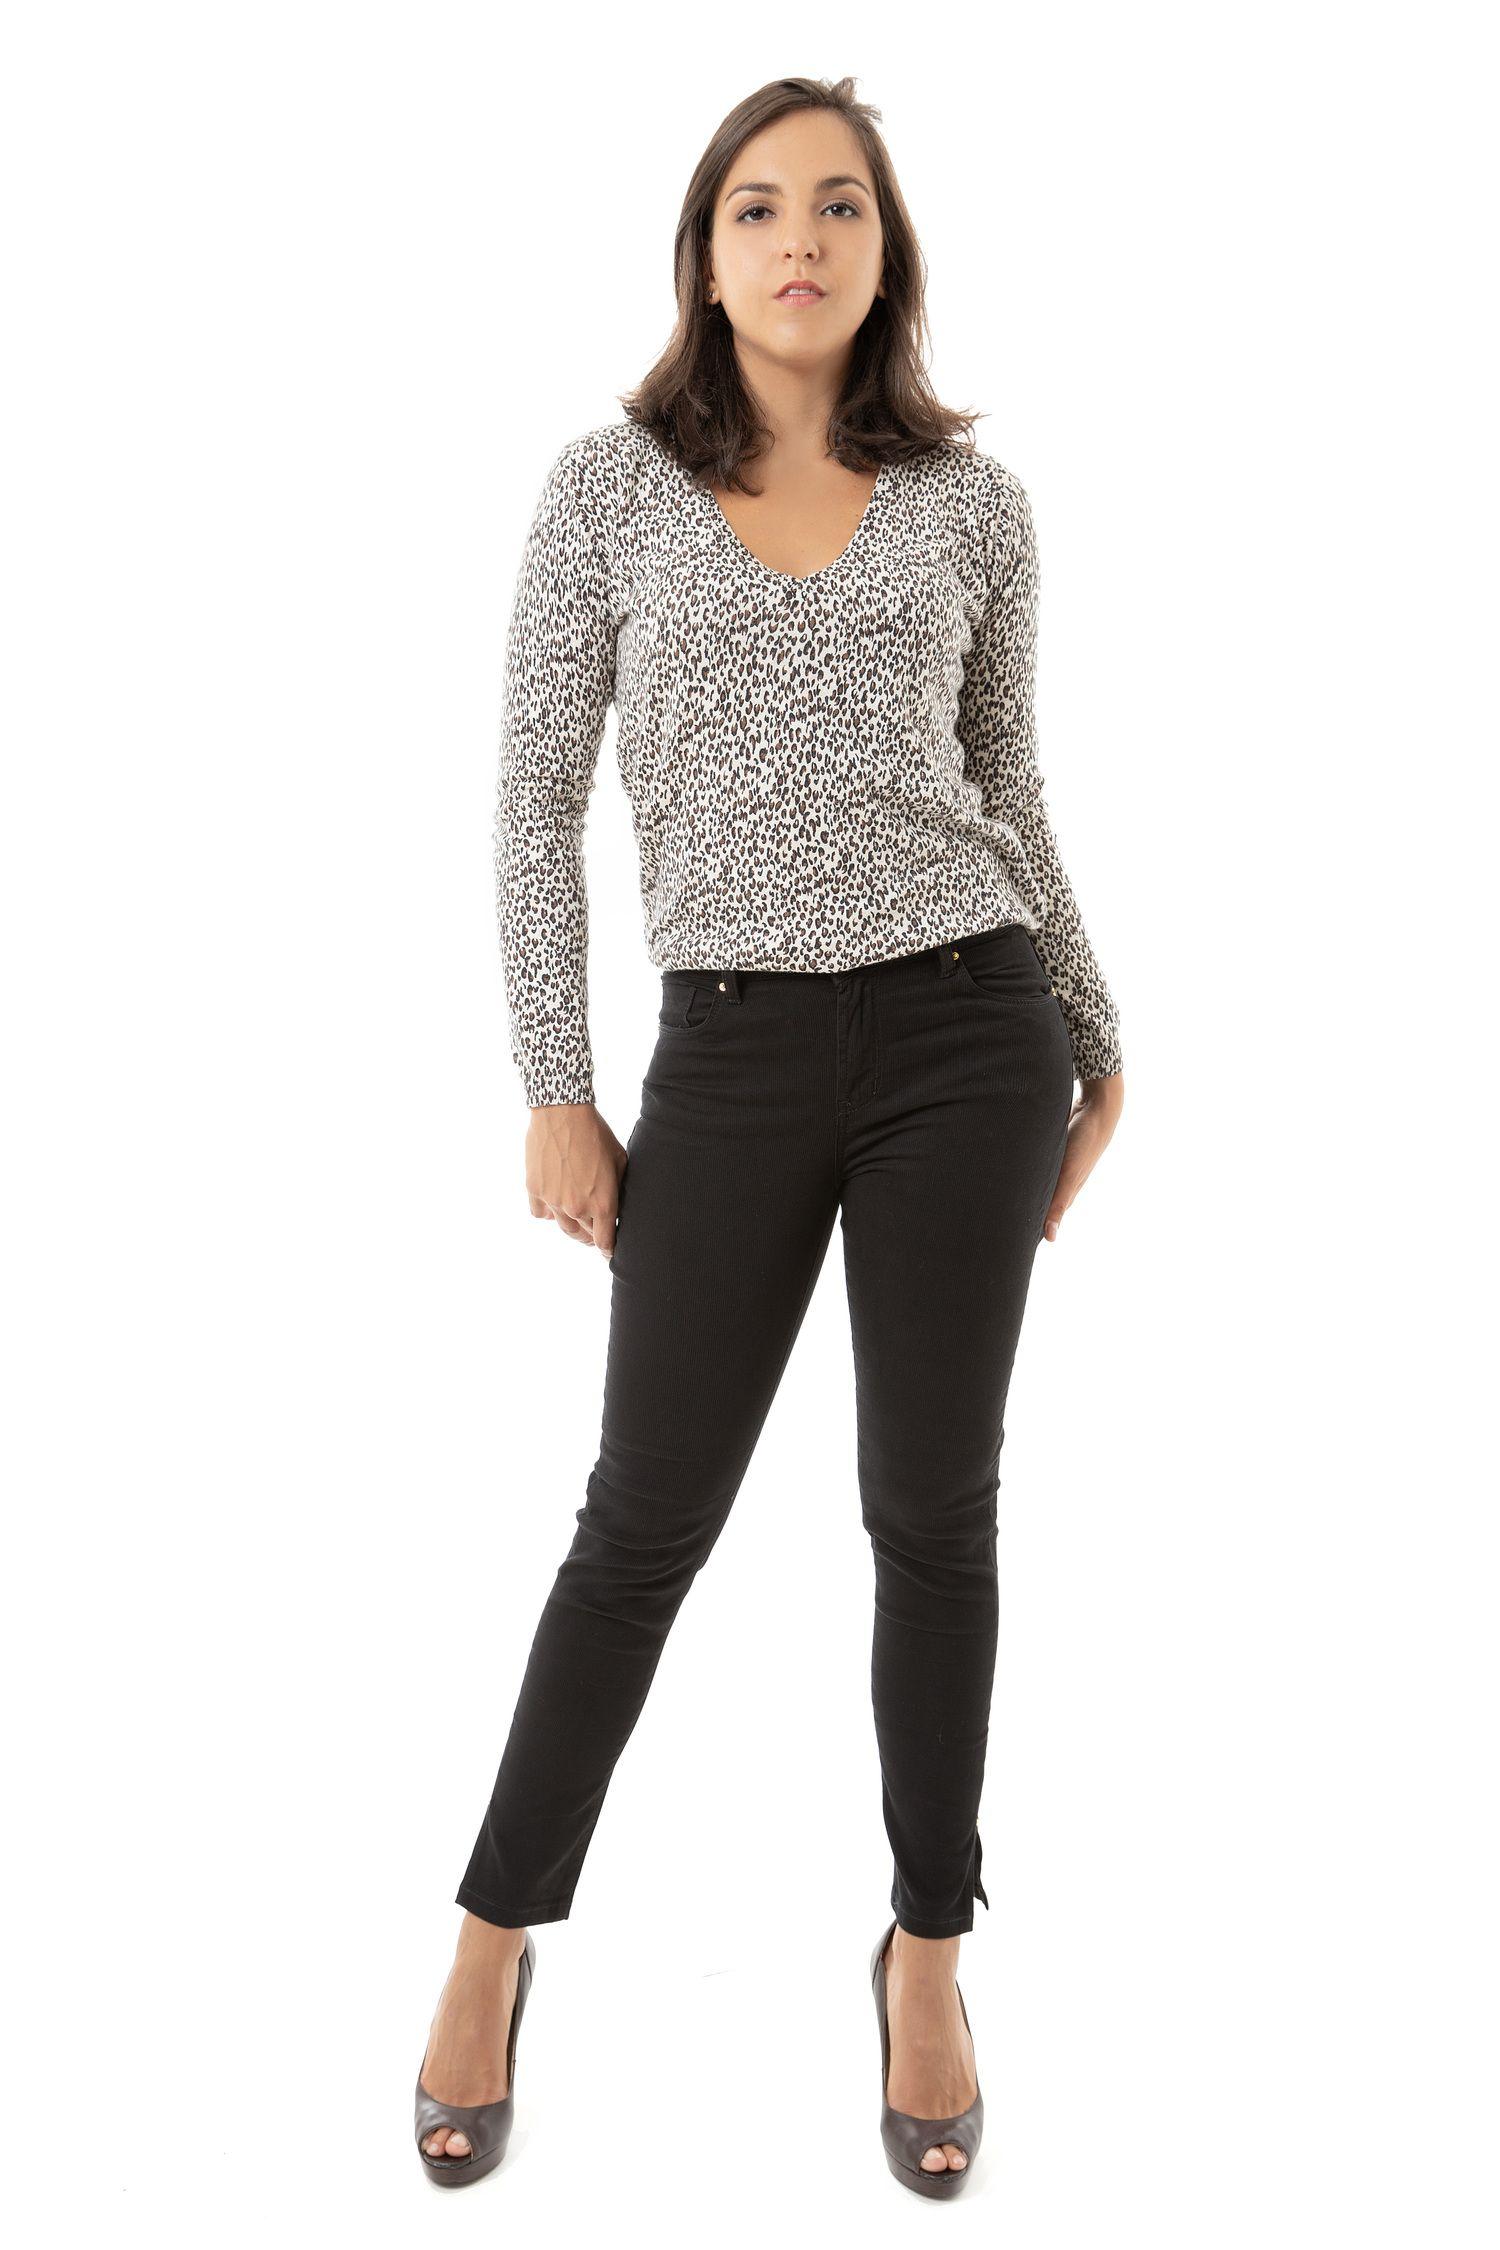 Calça Cropped Feminina Fact Jeans ref. 03674 - Preta